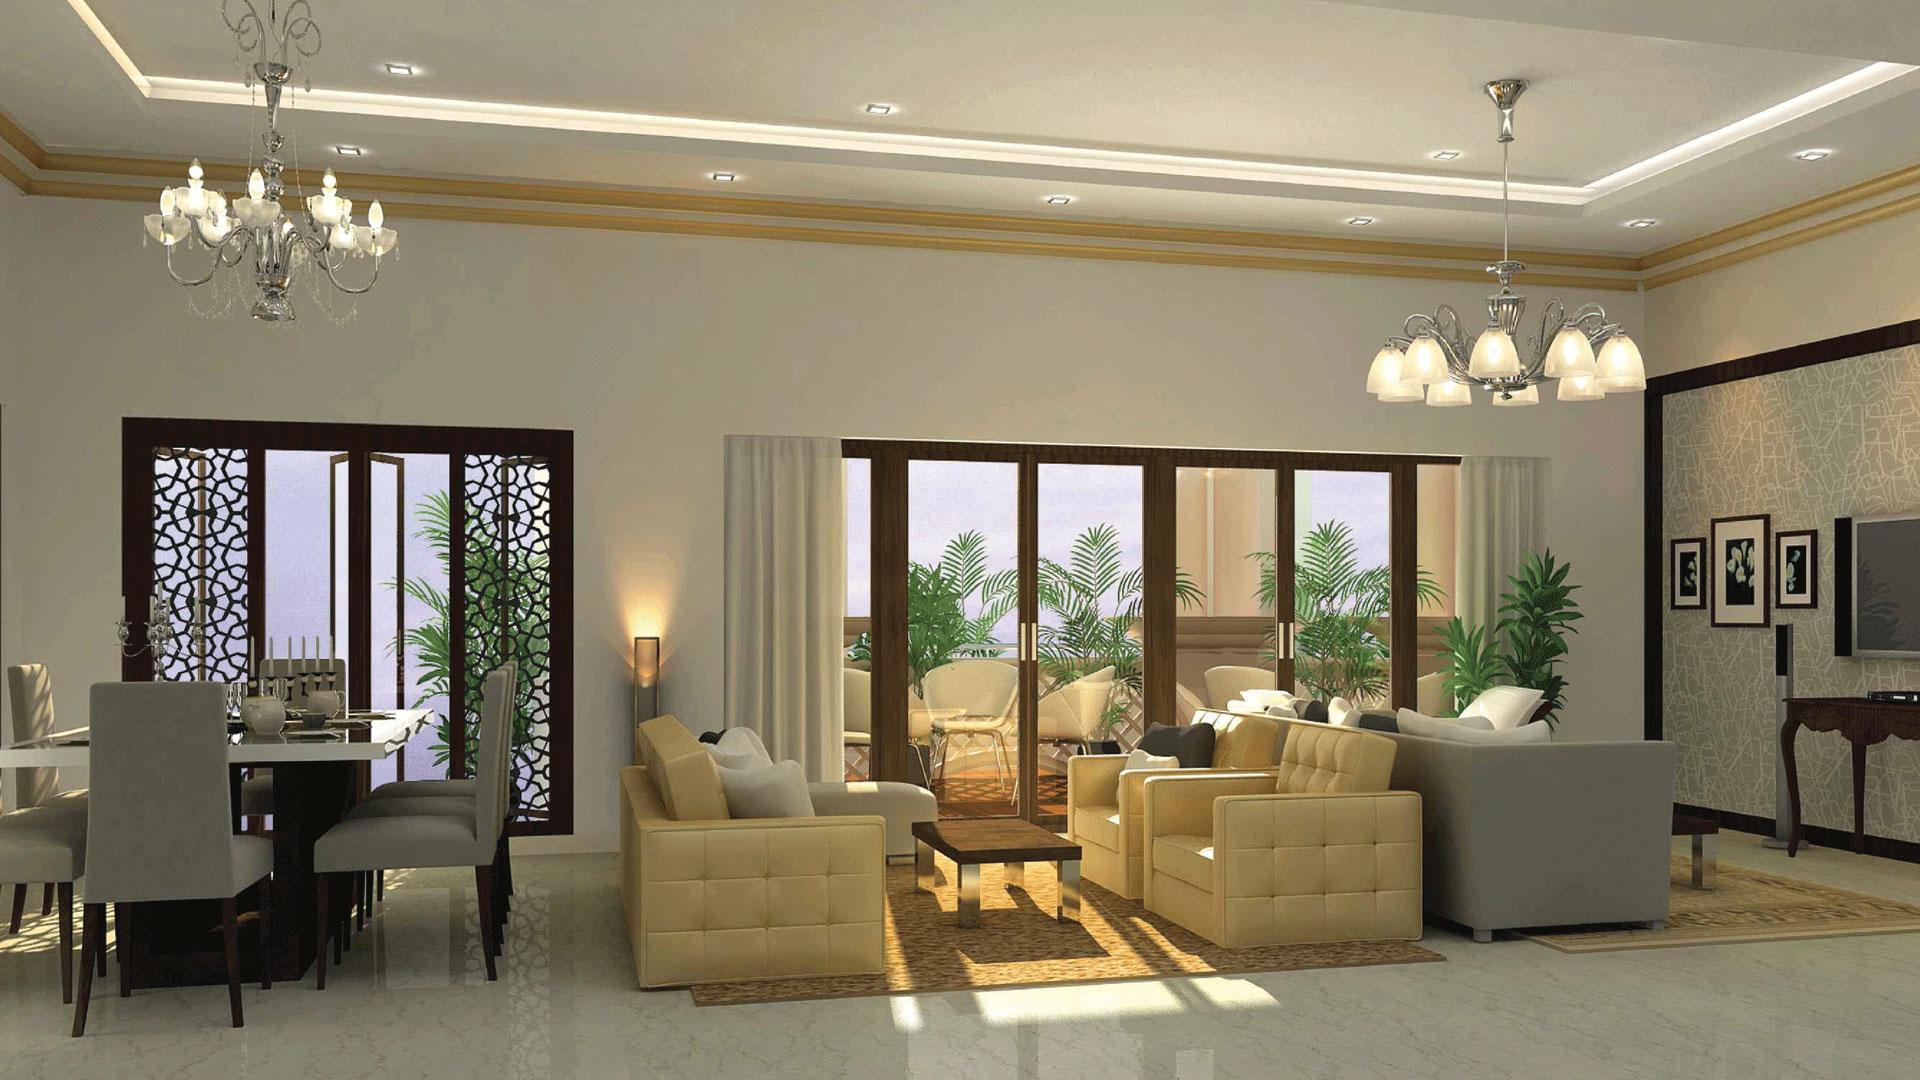 prestige-leela-residences-Apartment-in-Kodihalli-Bangalore-Image-04